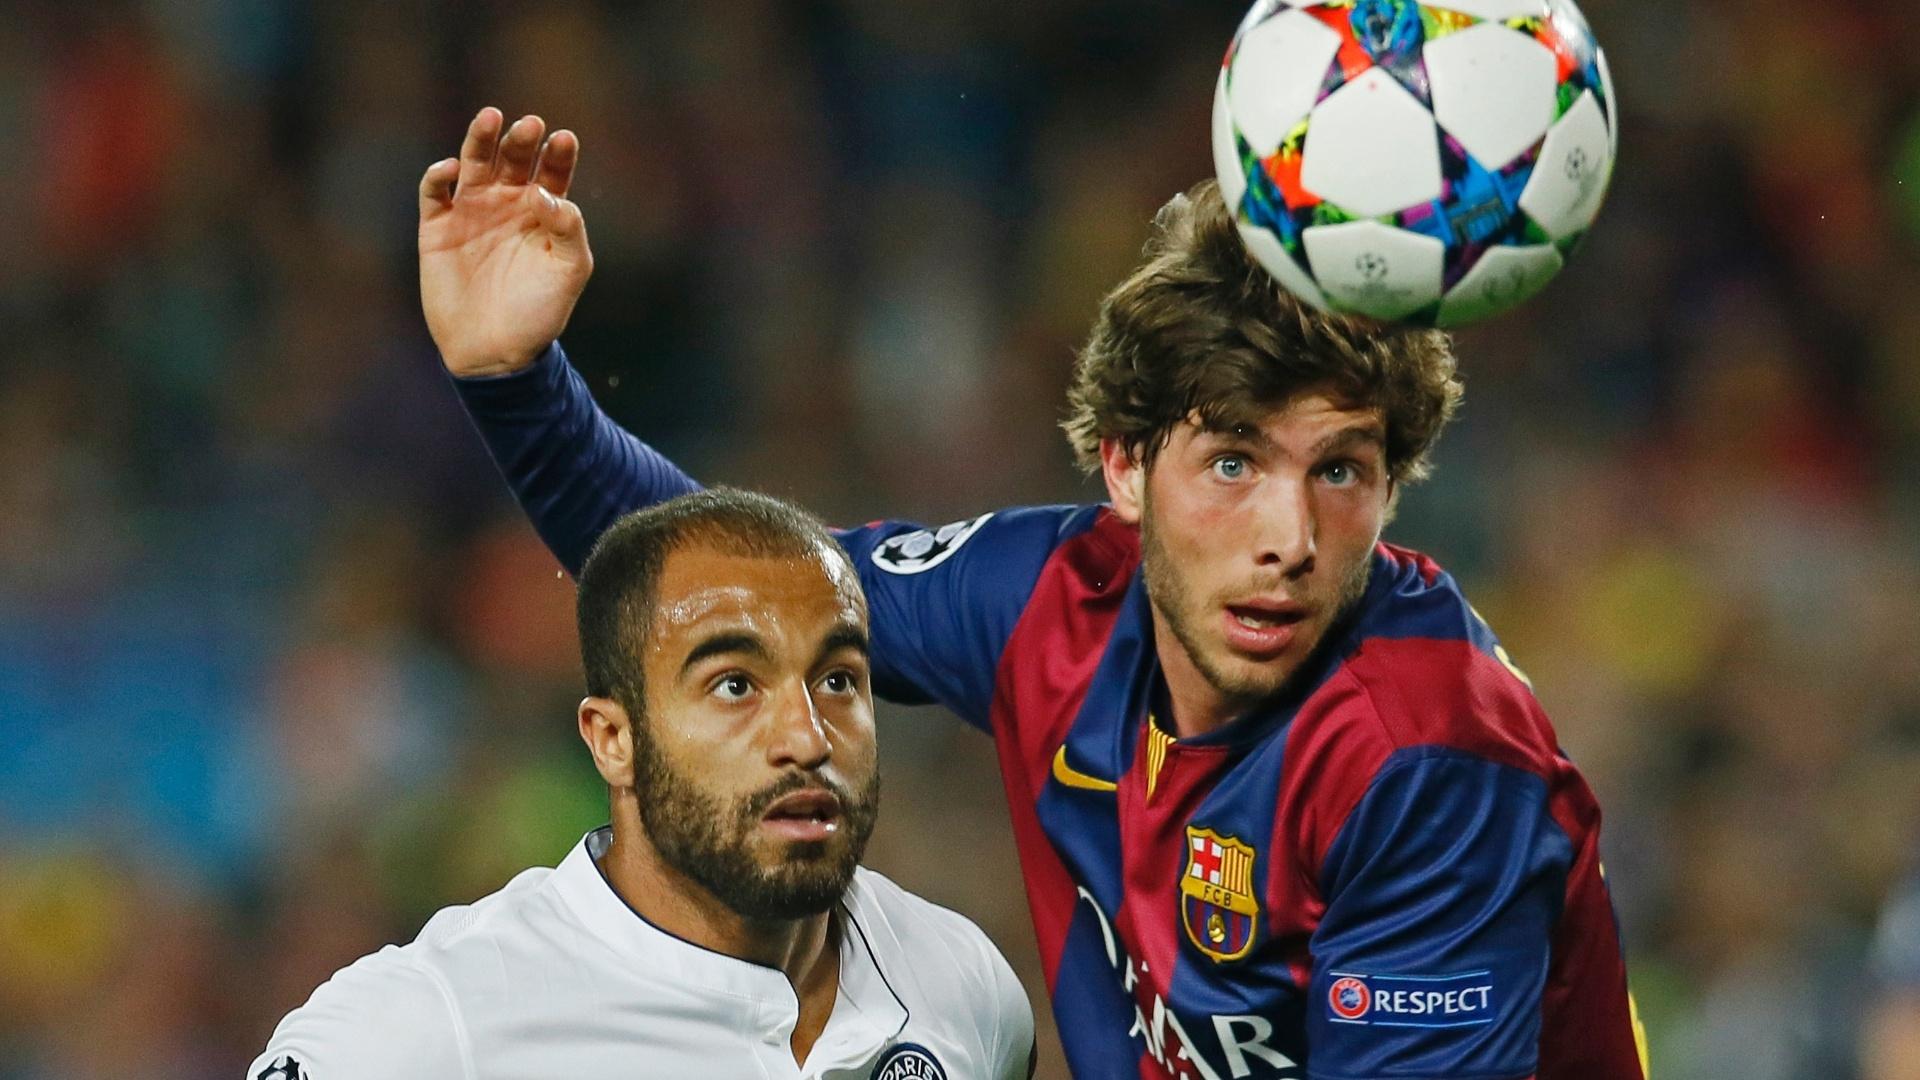 Lucas disputa bola no jogo do PSG contra o Barcelona, pela Liga dos Campeões